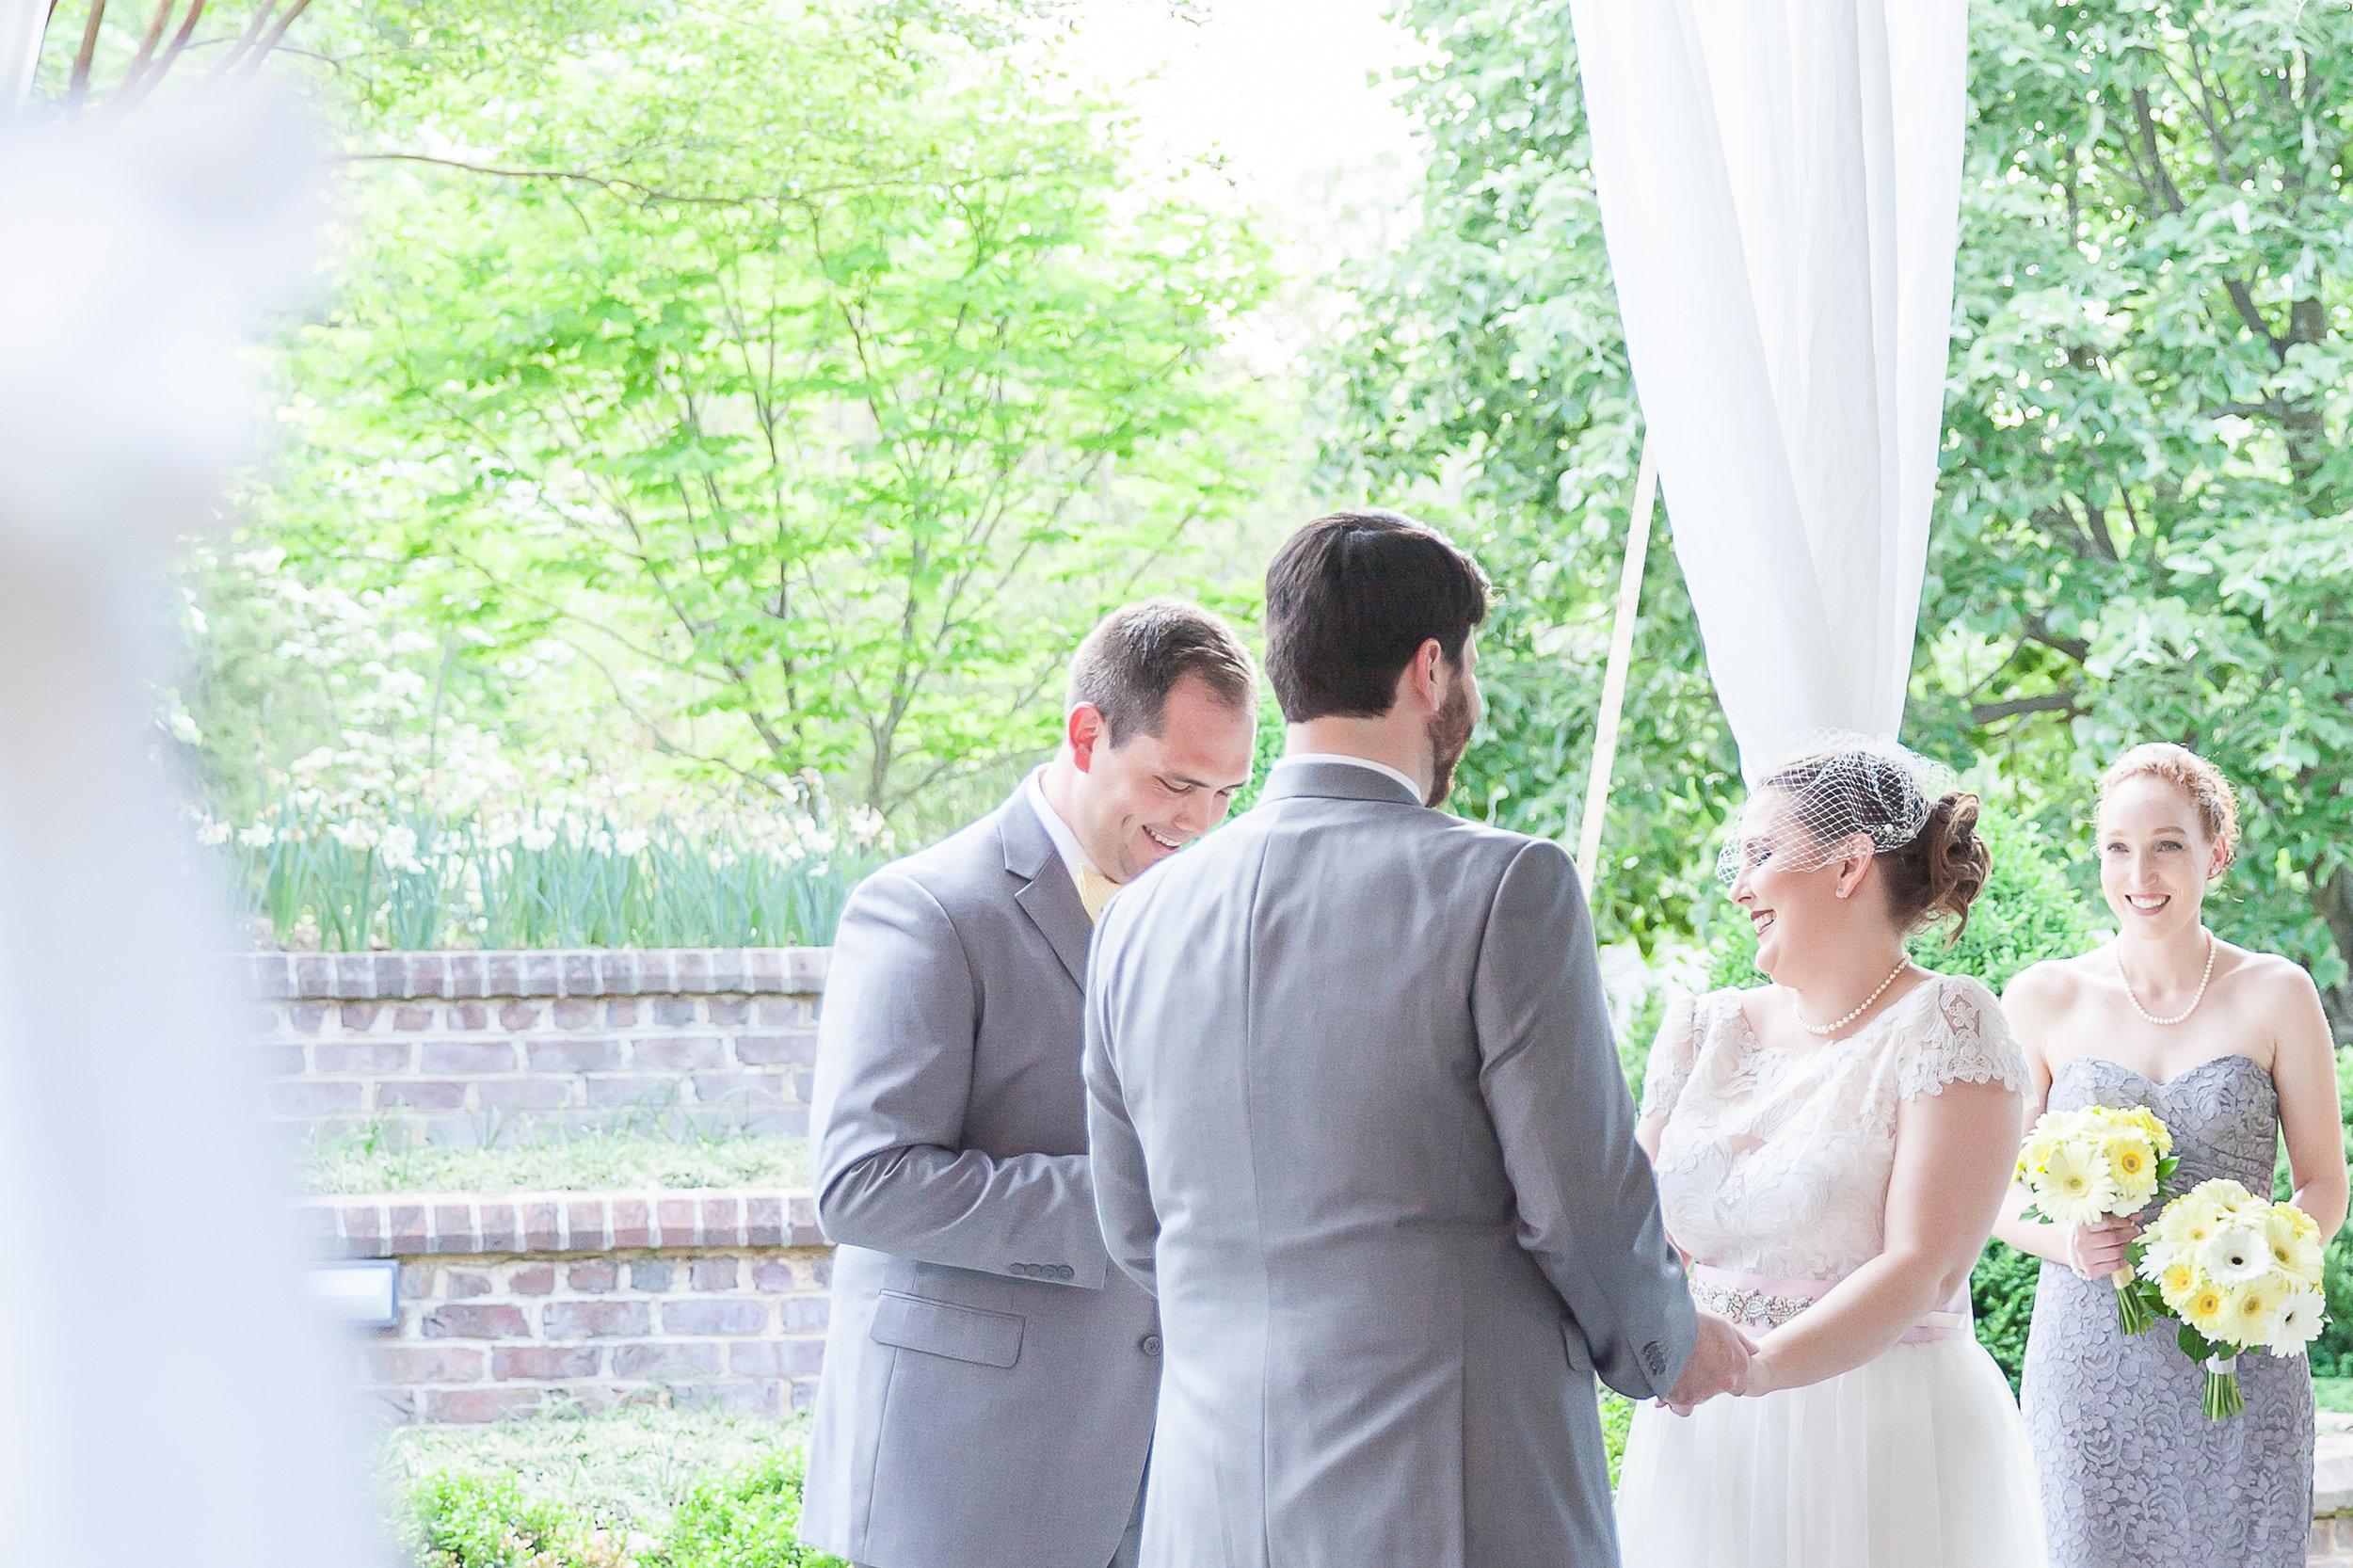 K-S-Wedding-Kim-Pham-Clark-Photography-220.jpg